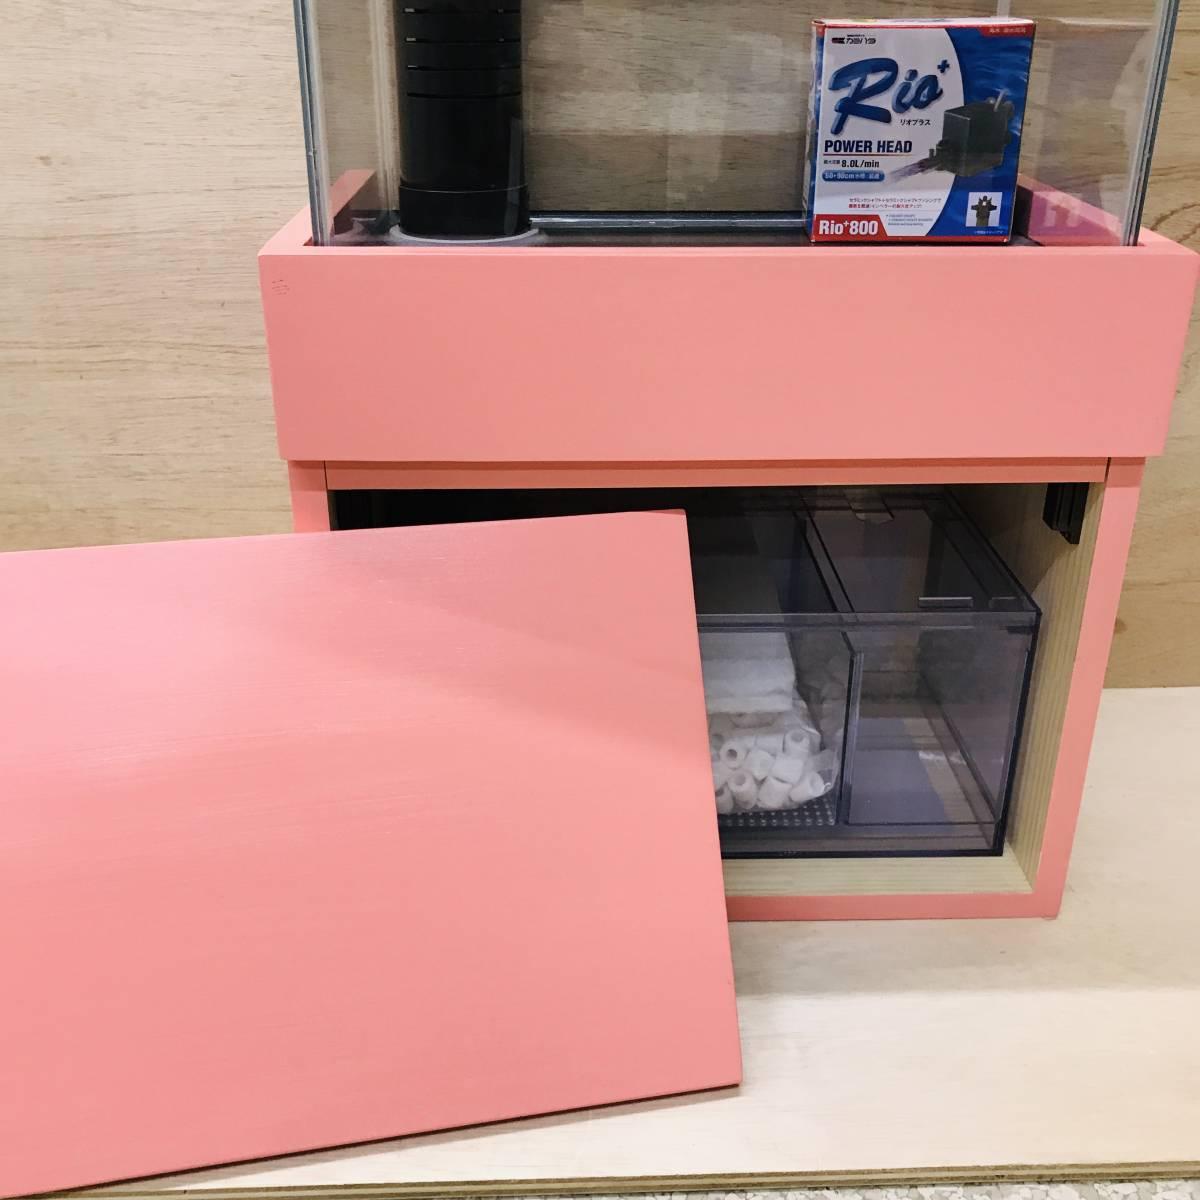 《100円スタート》アクア小型オーバーフロー水槽セット ピンク 新品 rio800 濾過槽、台ろ材セット 小型水槽/アクア/海水魚 ピンク_画像4